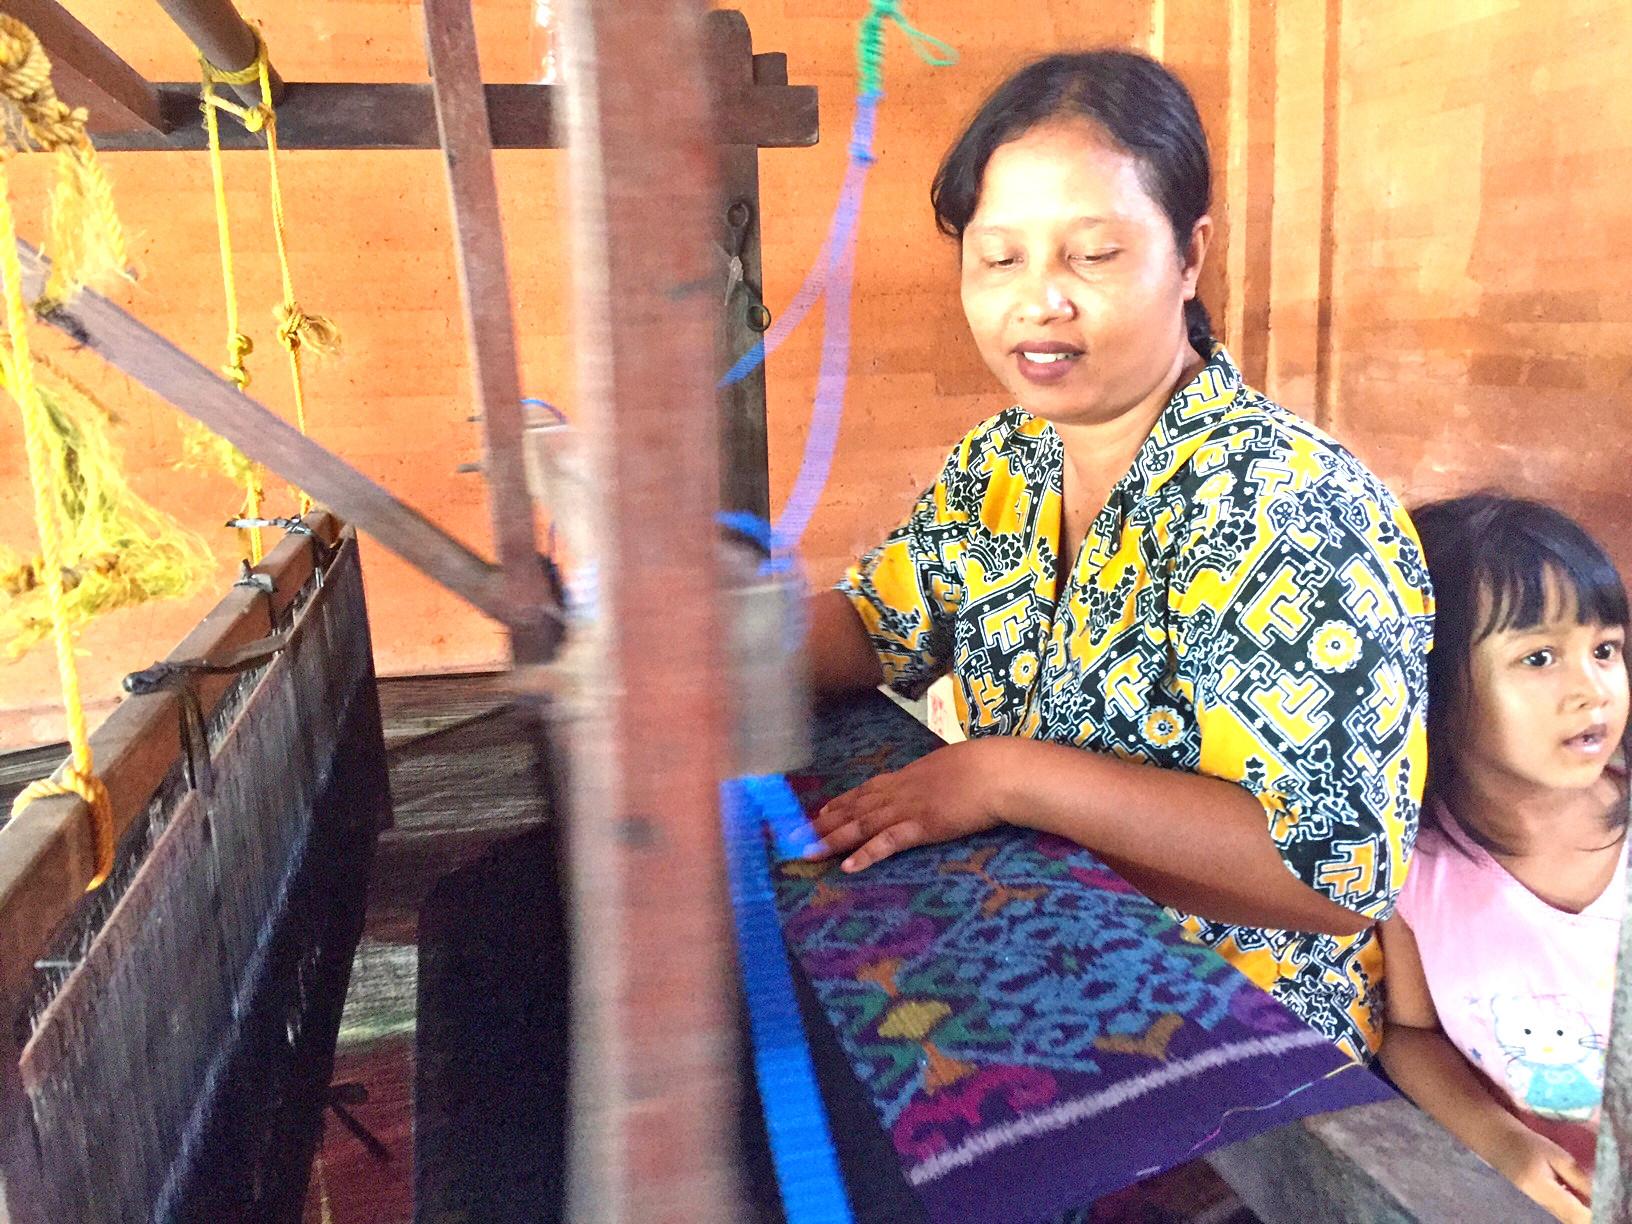 Batikk av høy kvalitet veves og farges.